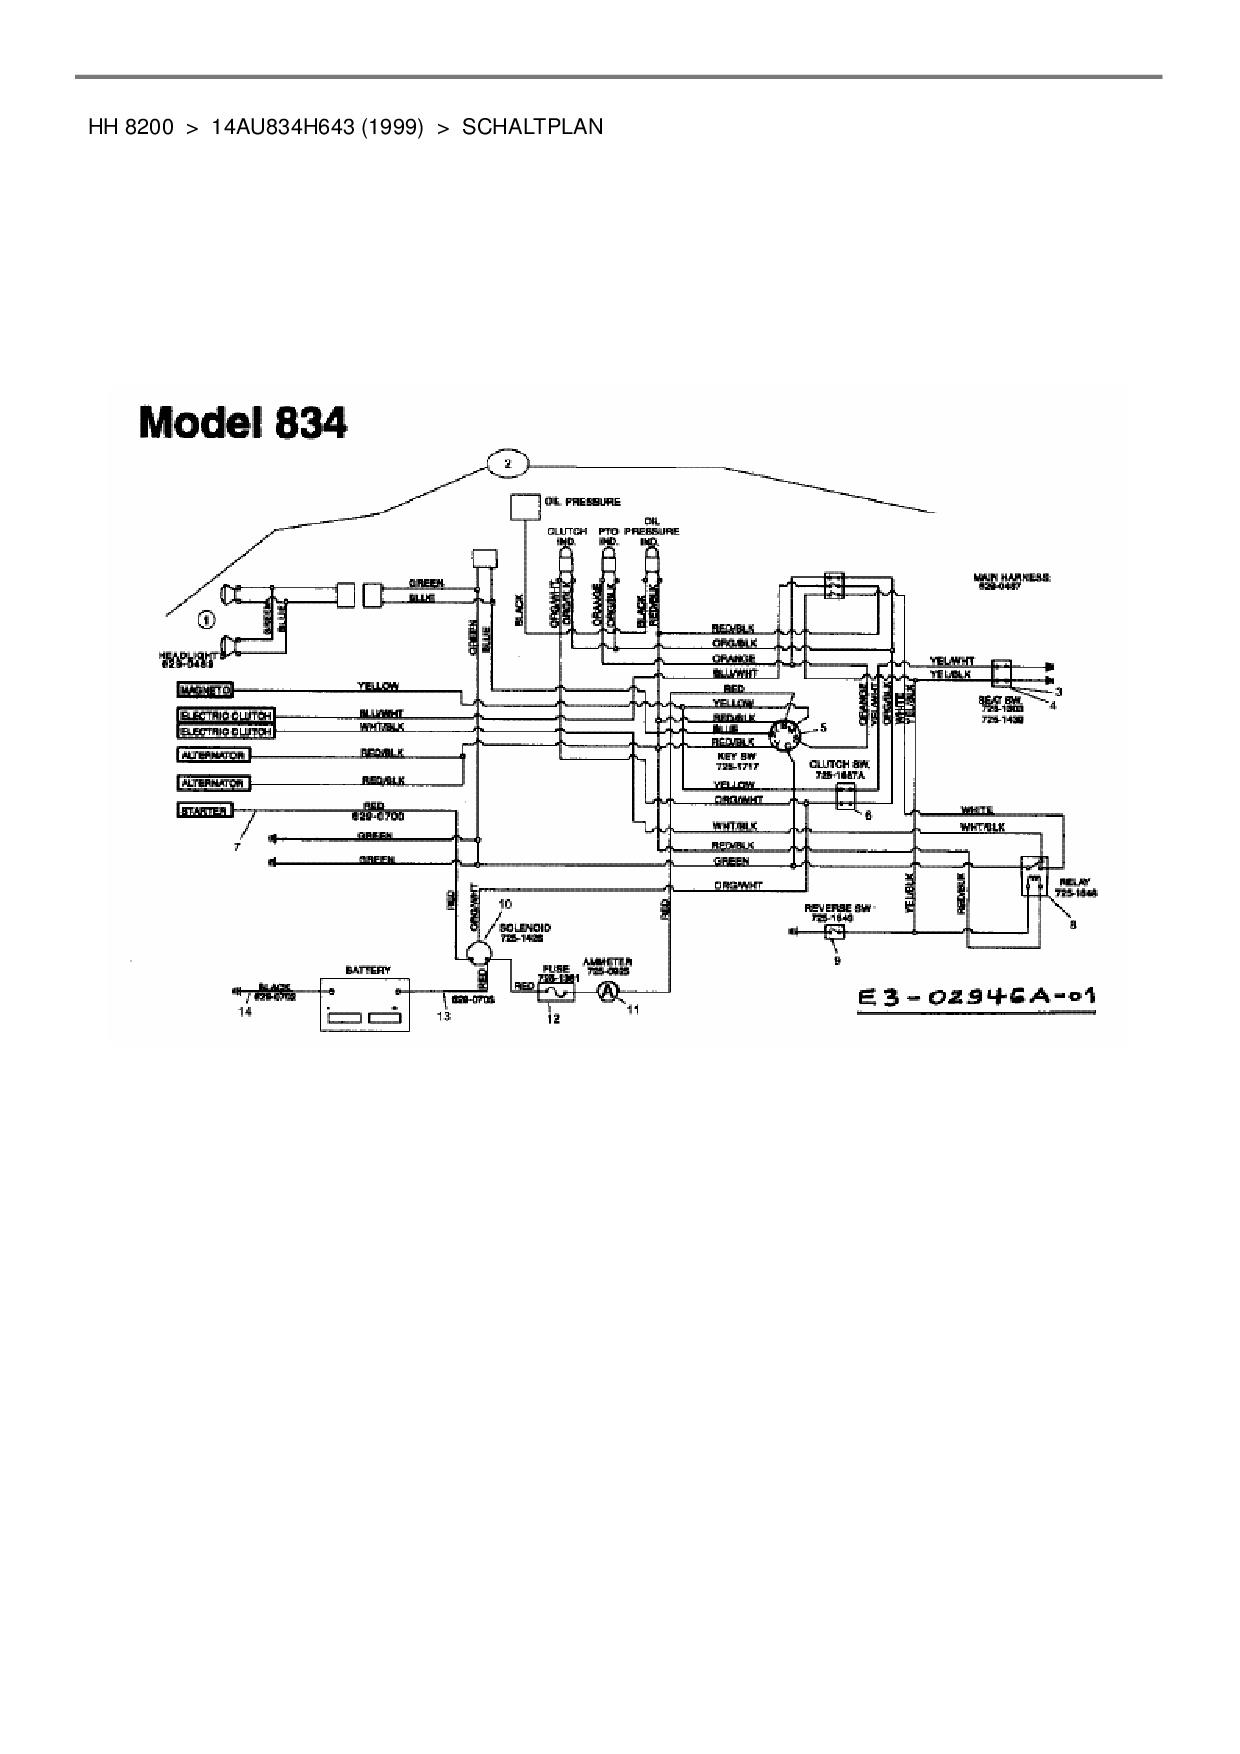 Yard-Man Ersatzteil RELAIS:SPTDT:12 V 20 AMP für Gartentraktor HH ...